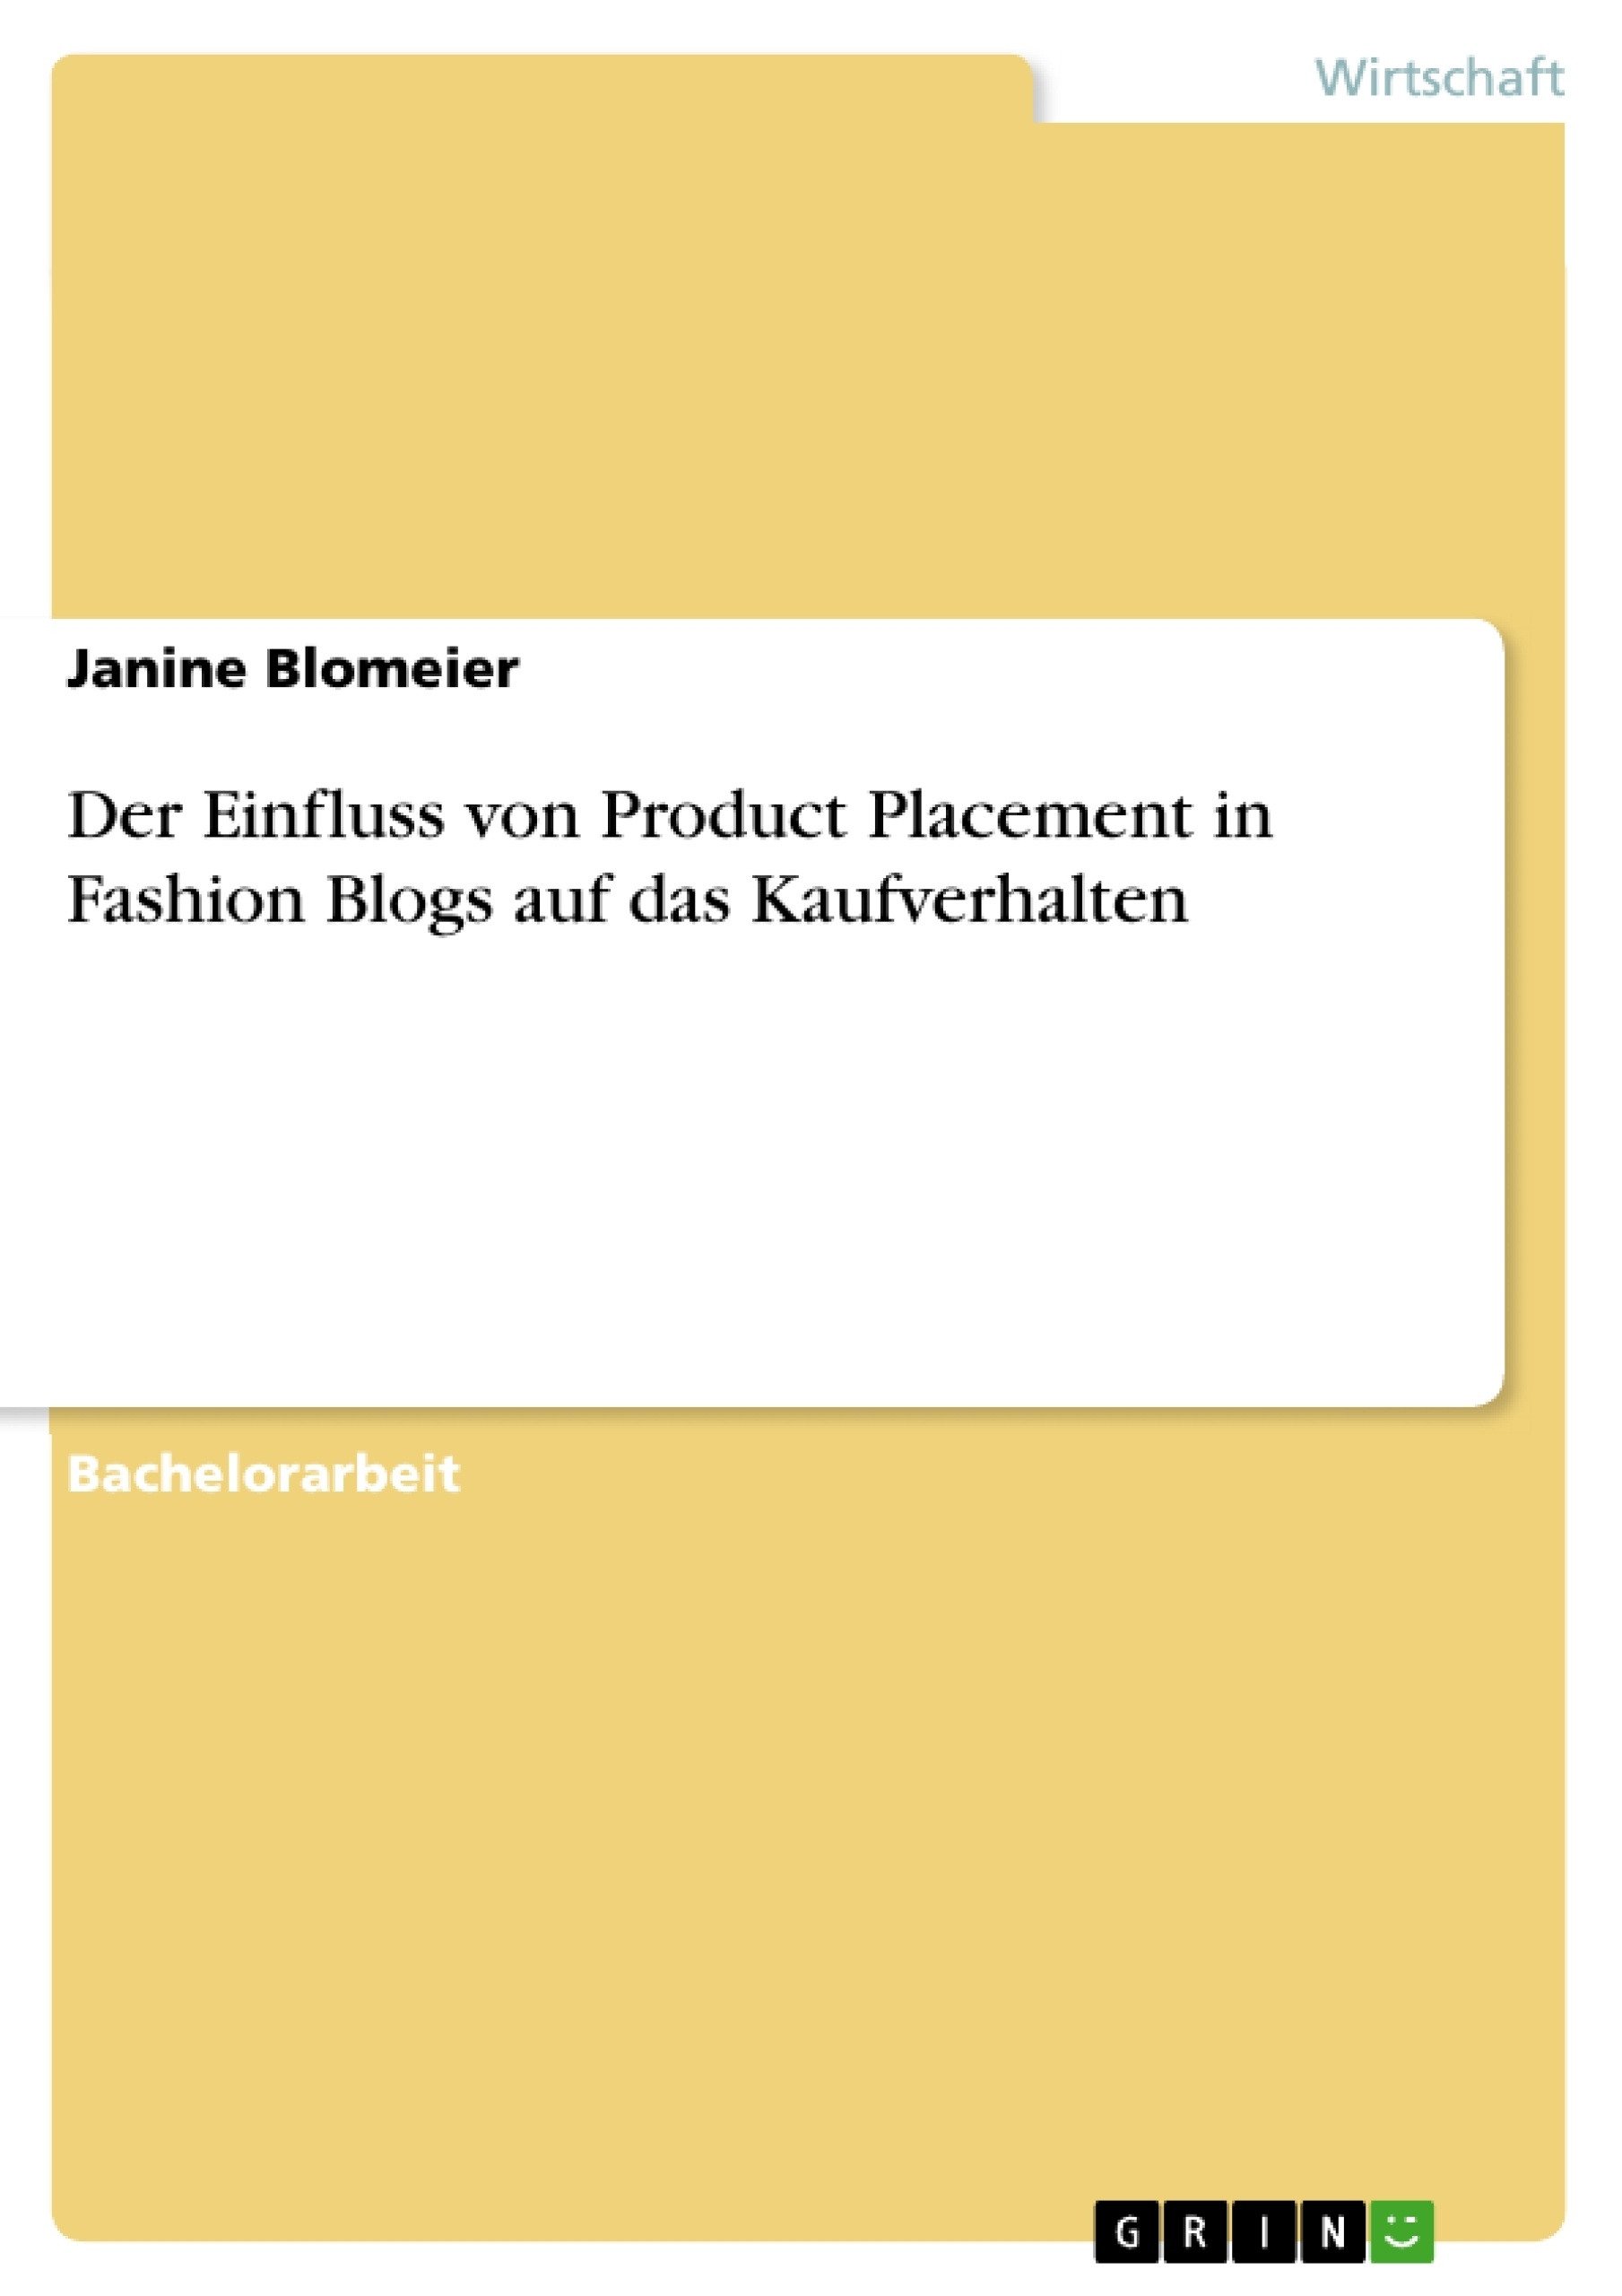 Der Einfluss von Product Placement in Fashion Blogs auf das ...